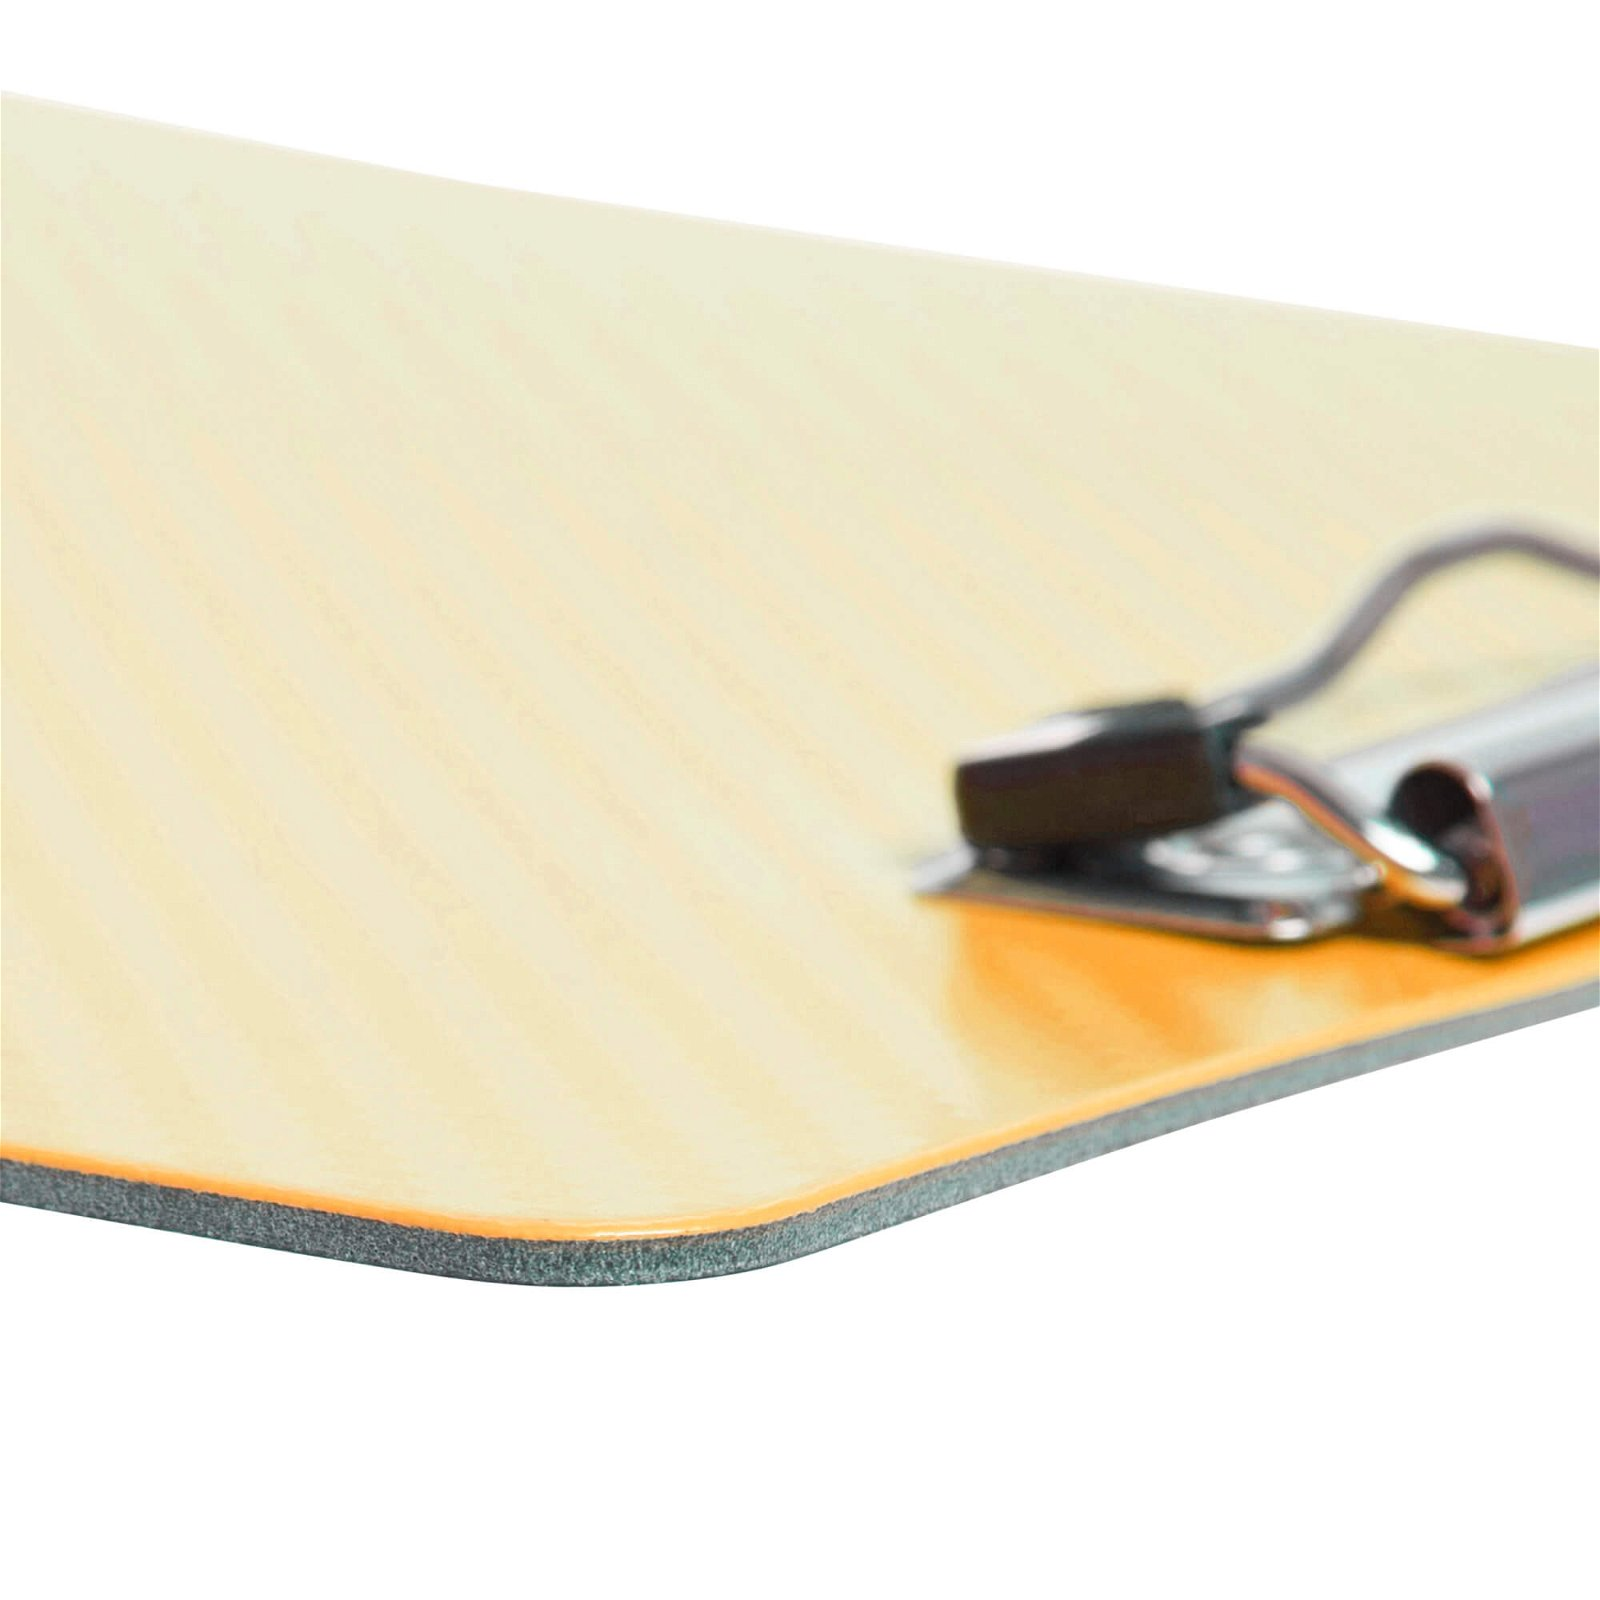 A4 Schreibplatte MAULflexx, orange